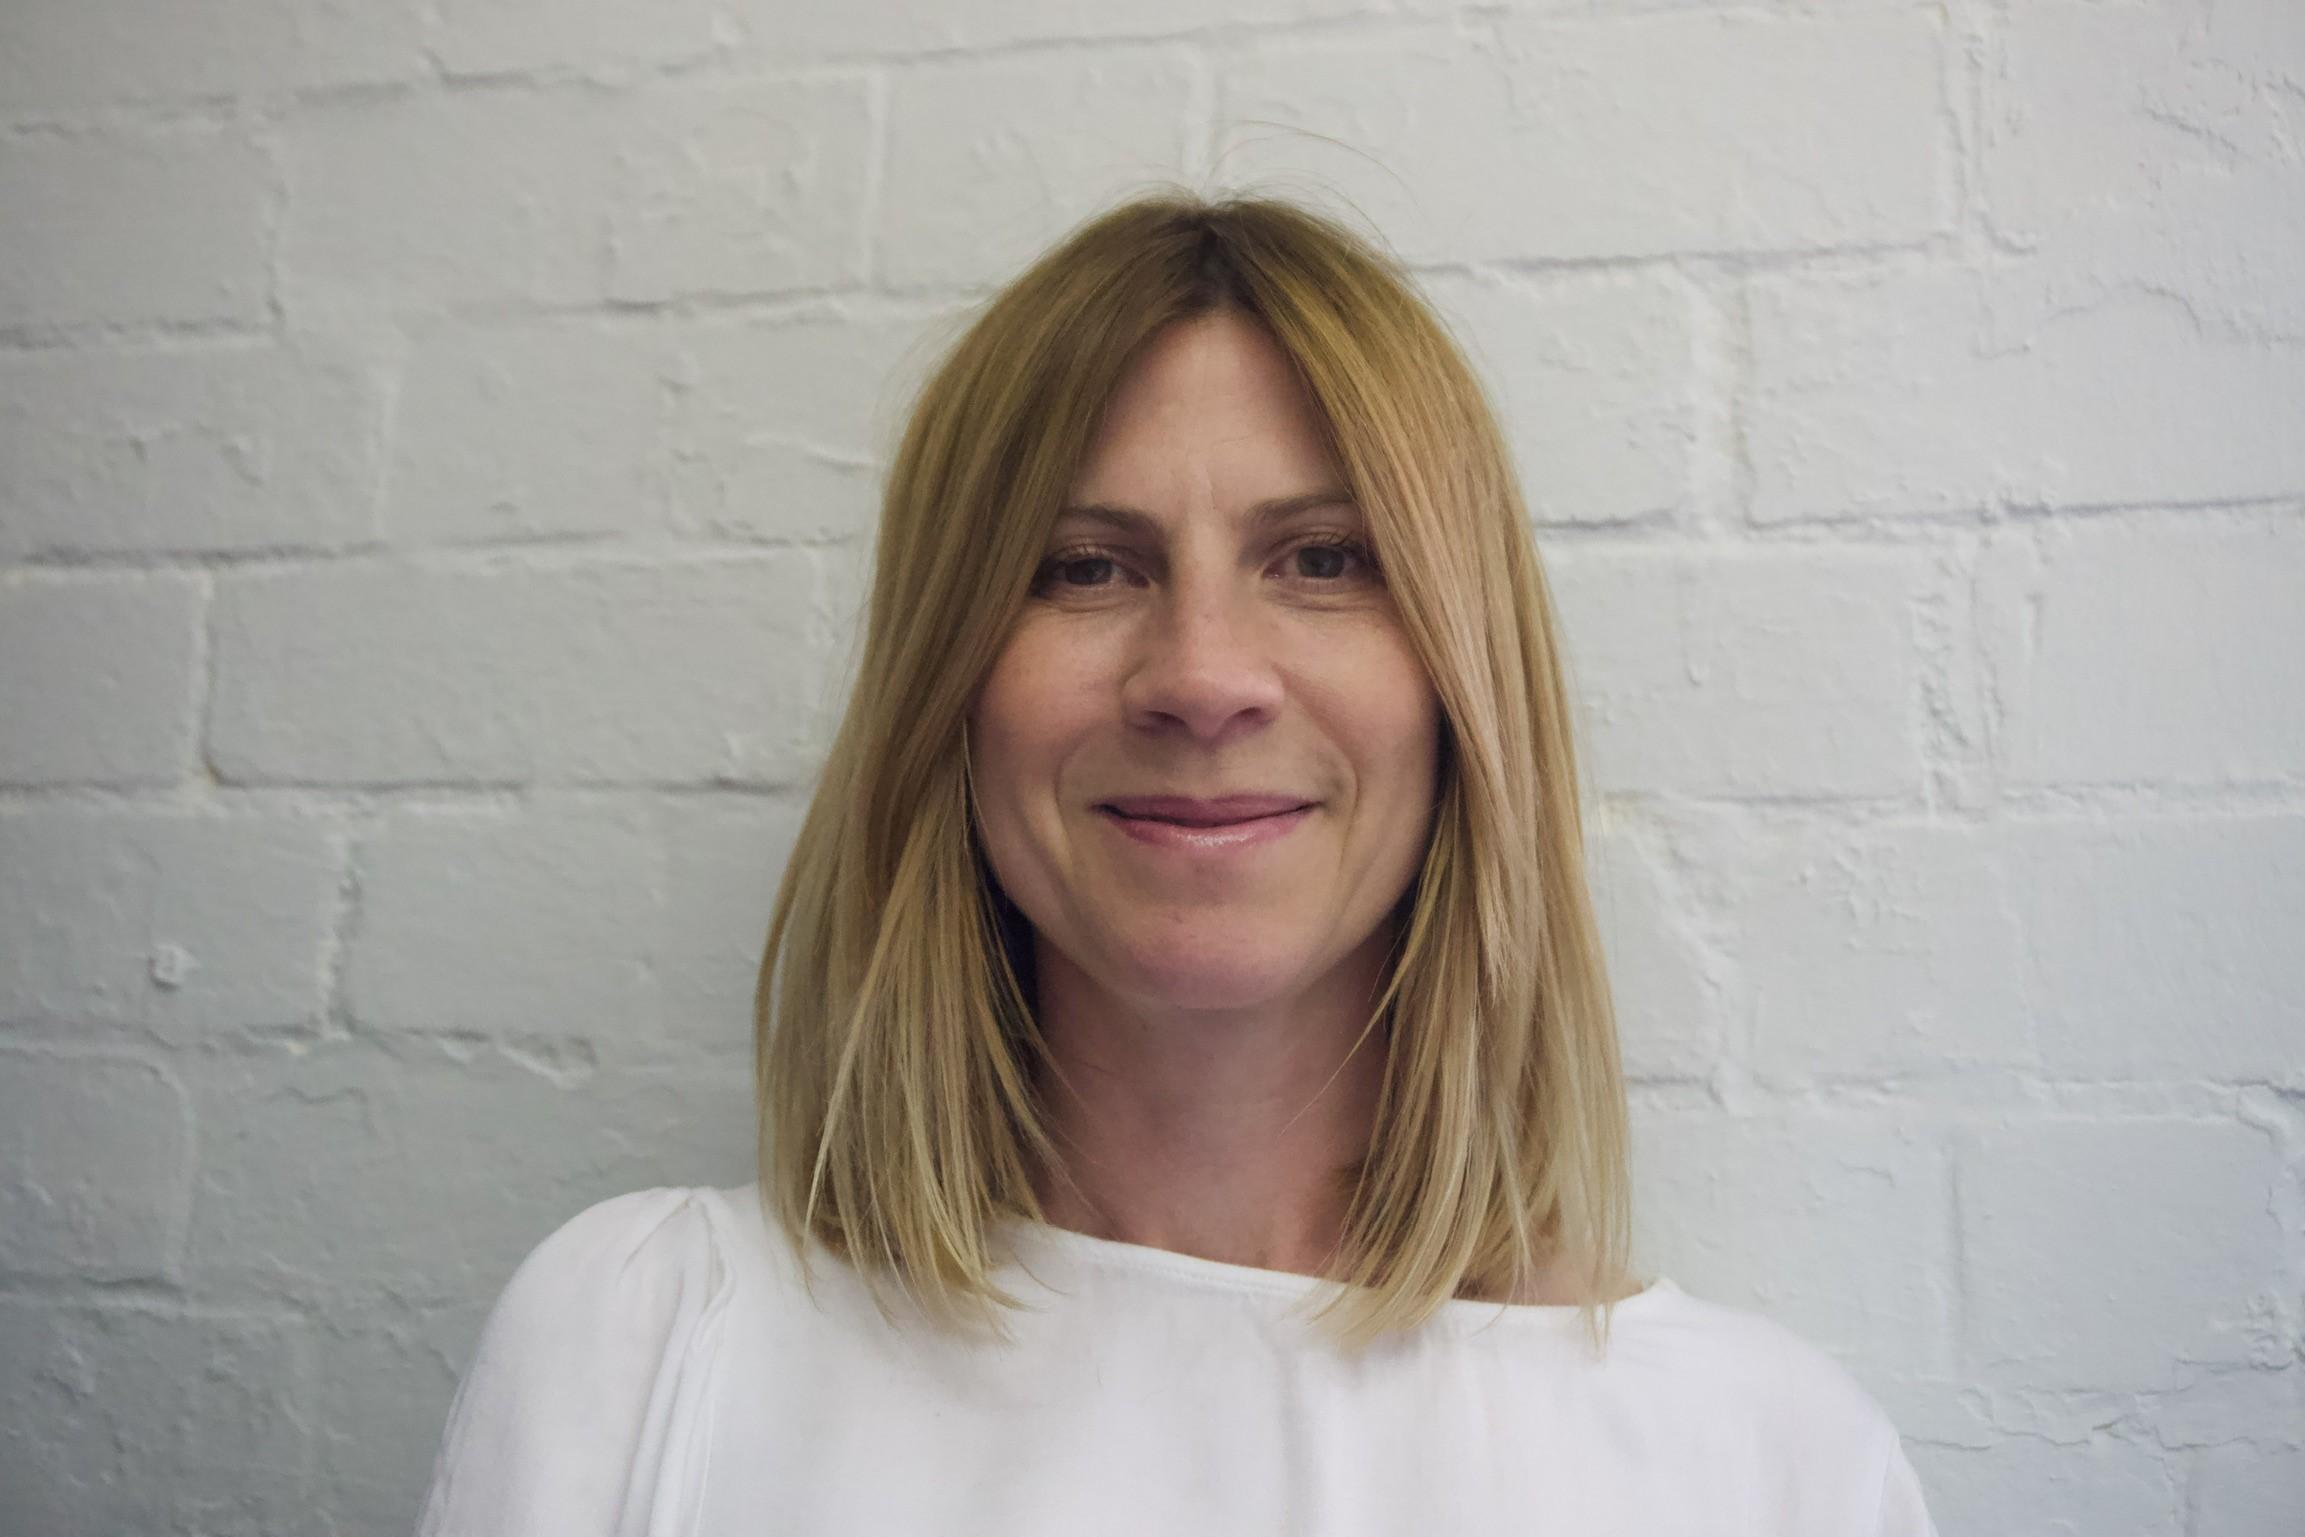 Mandy York Ford